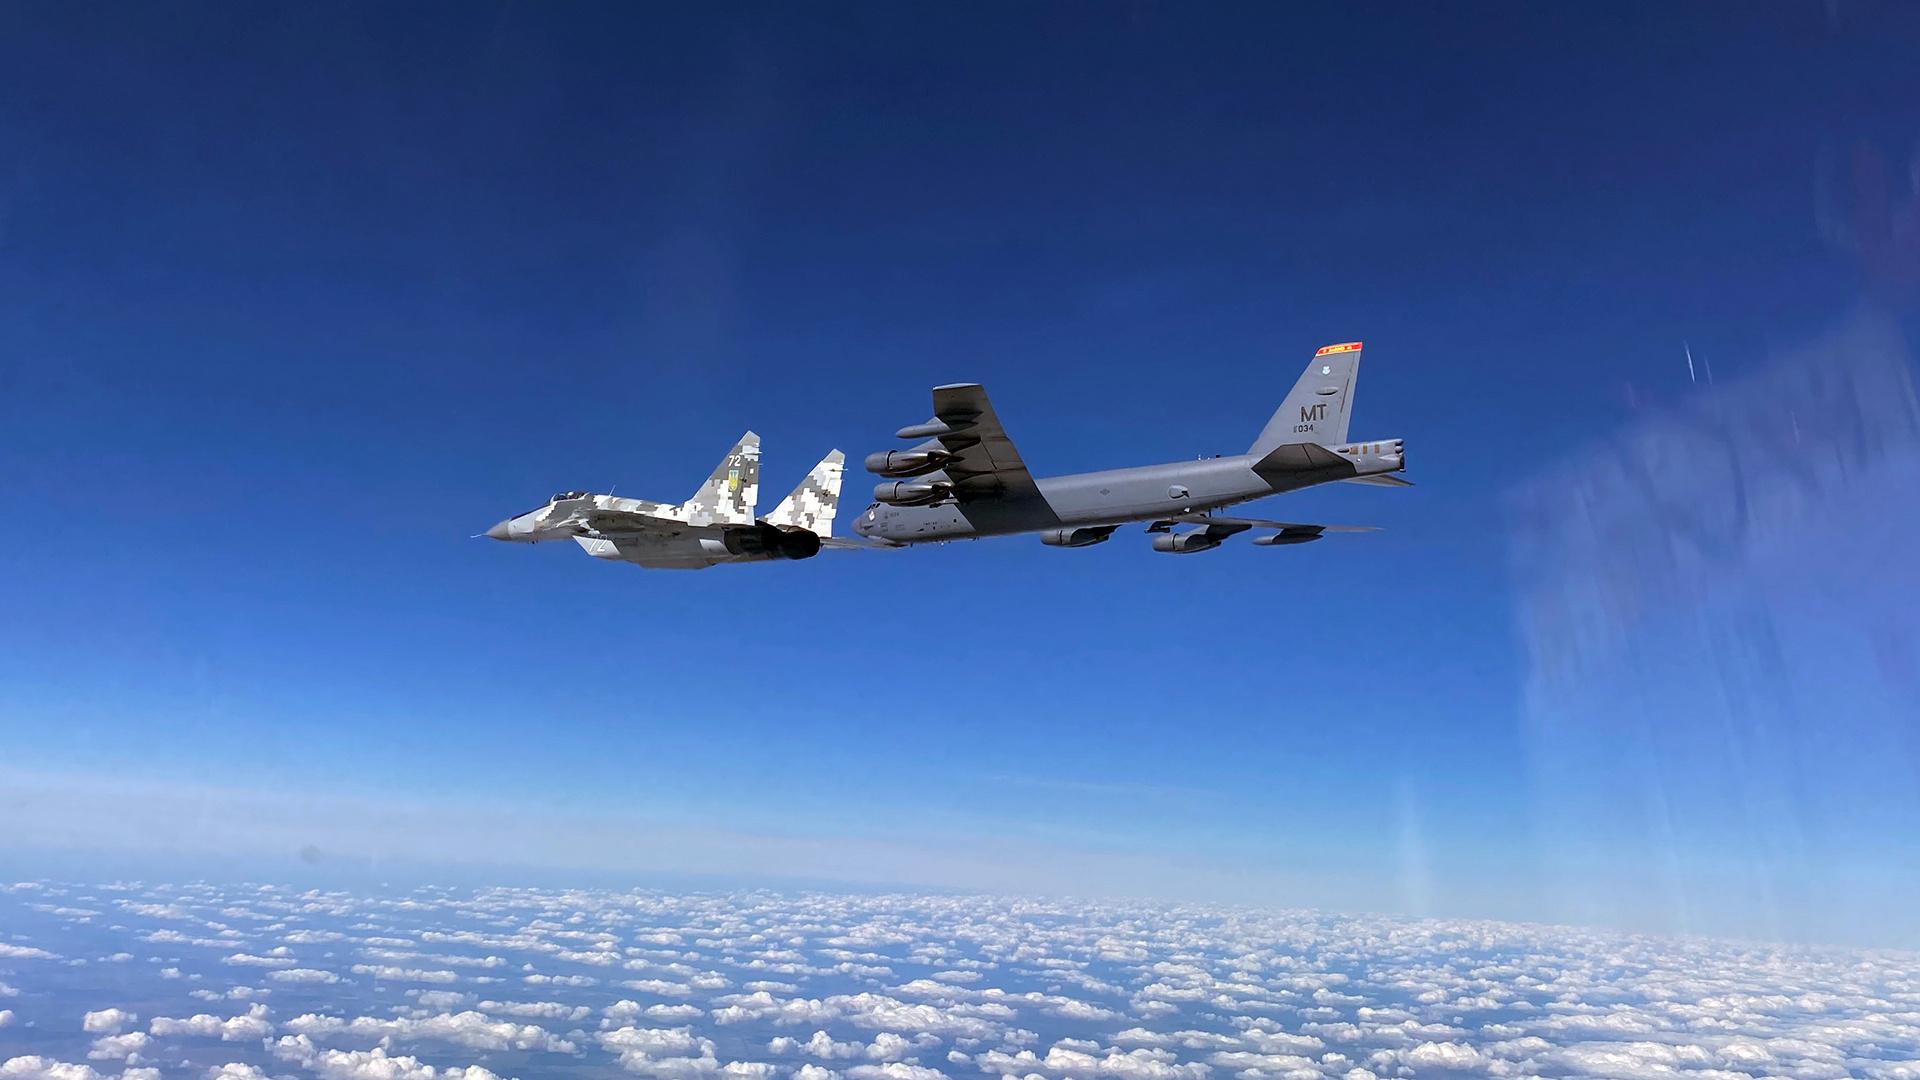 الجيش الأمريكي يرسل قاذفتين من طراز B-52 إلى الشرق الأوسط